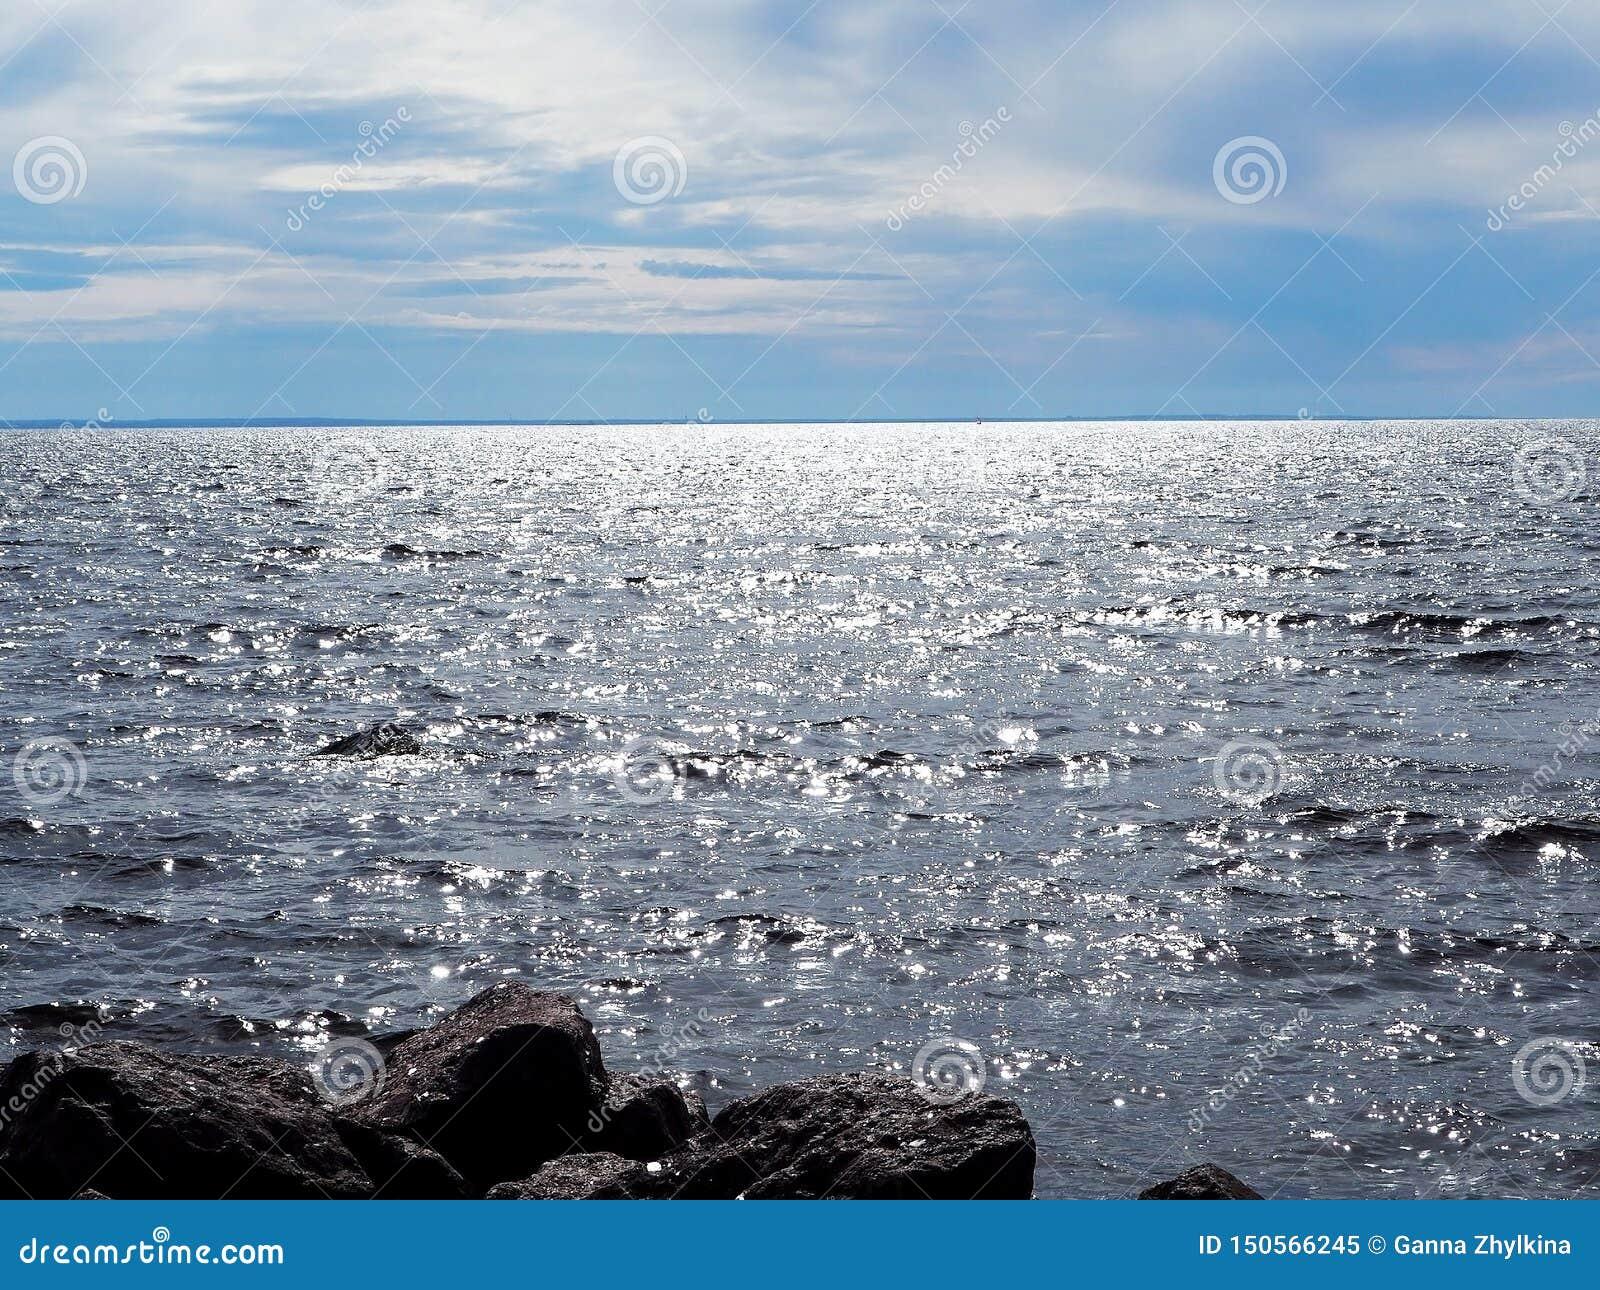 Μπλε ουρανός με τα σύννεφα και το νερό της θάλασσας